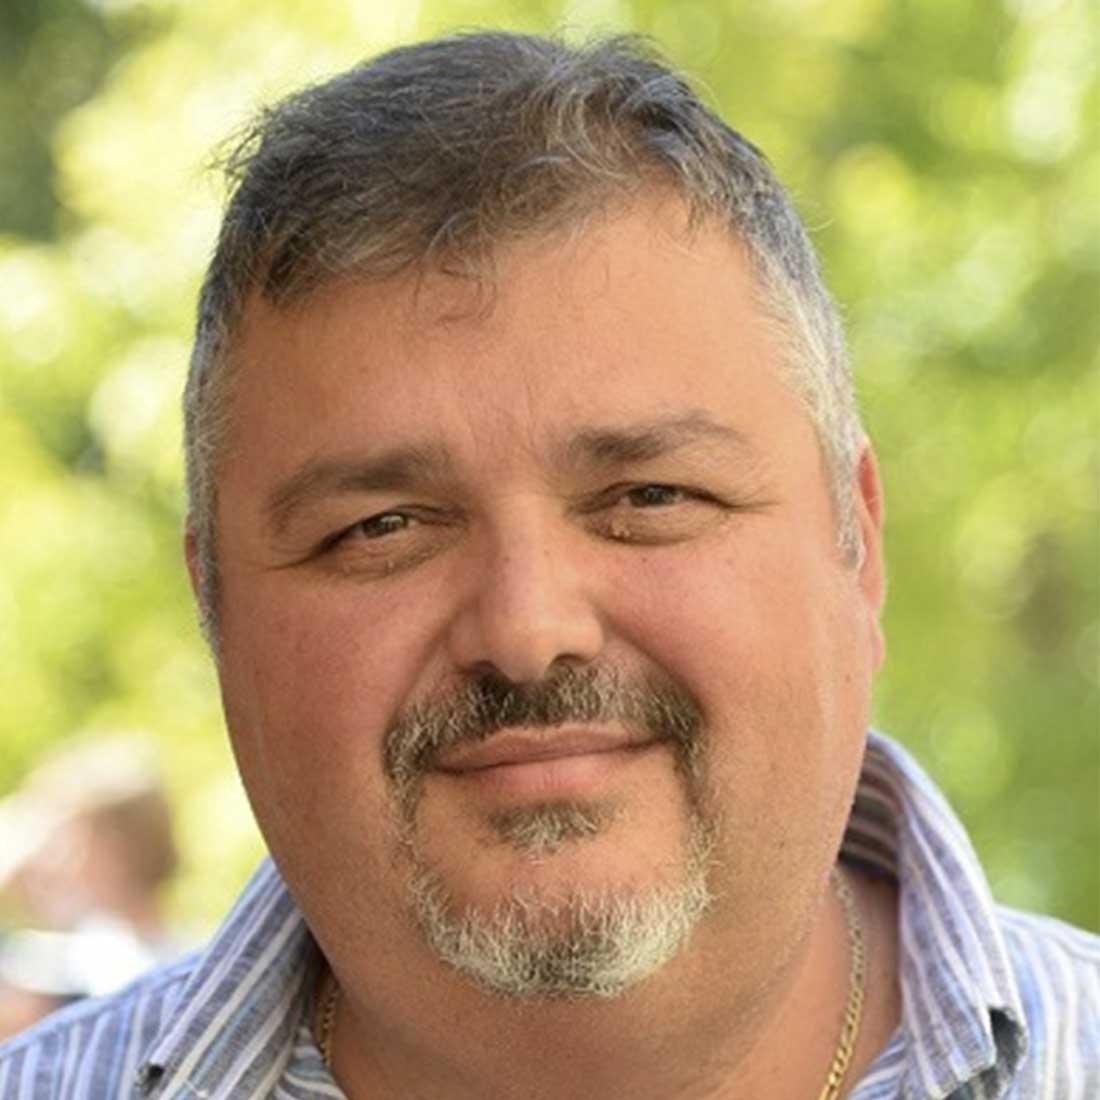 Mauro Pace